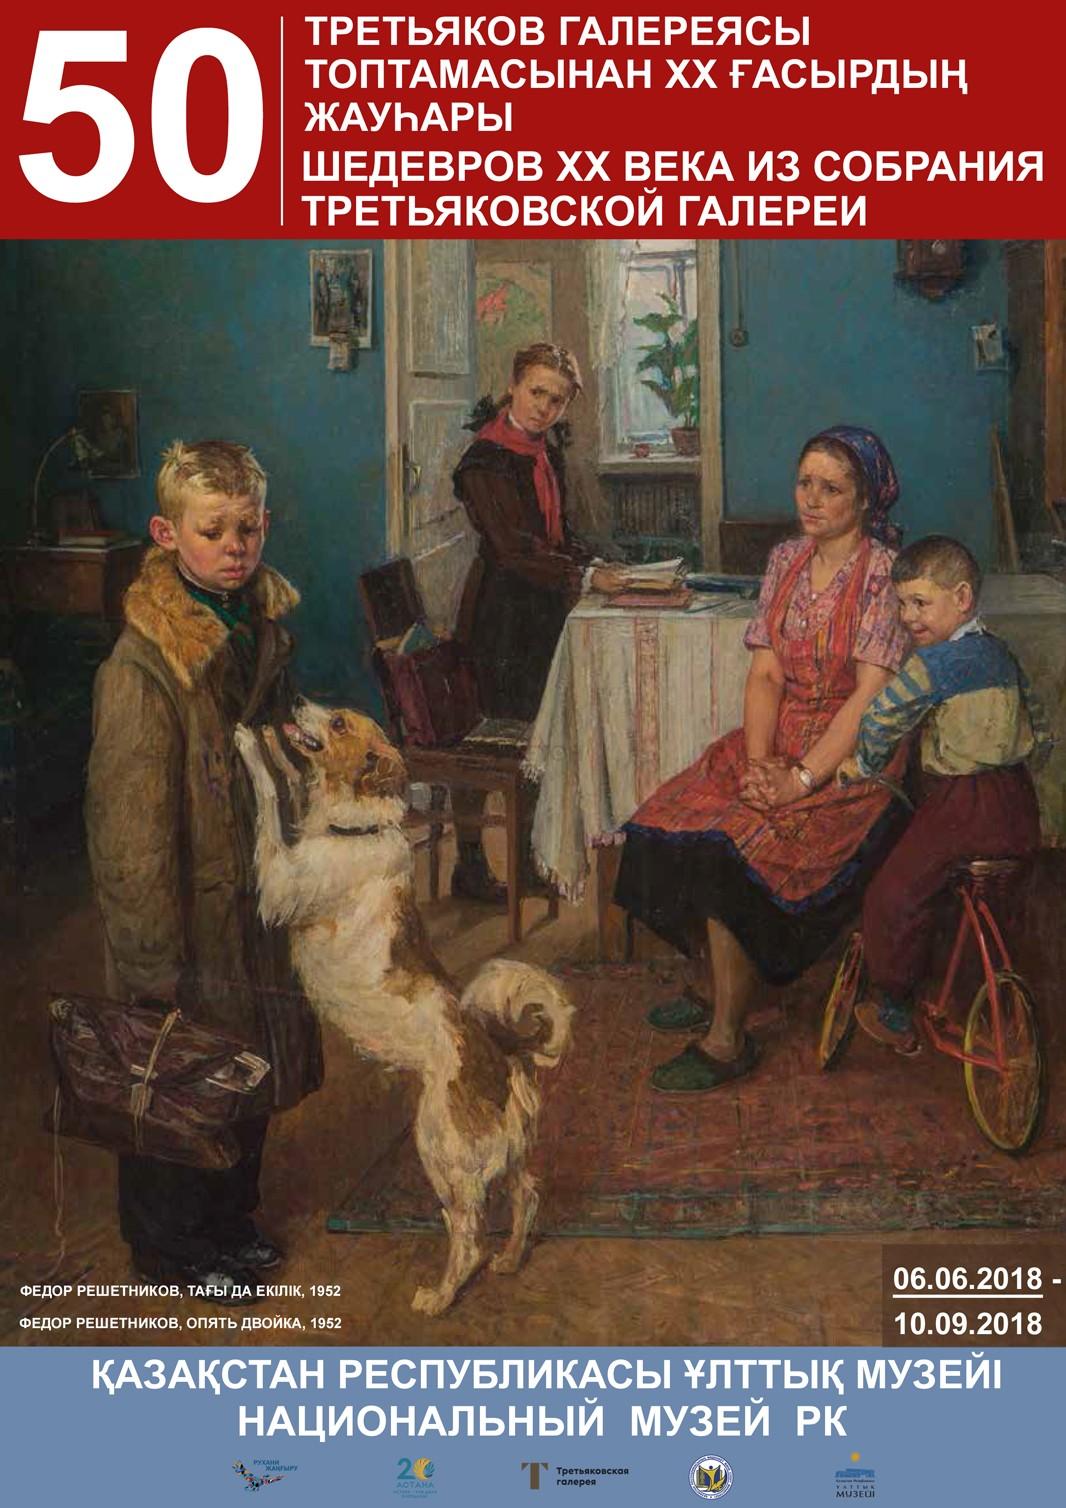 Выставка «50 шедевров ХХ века из собрания Третьяковской галереи»